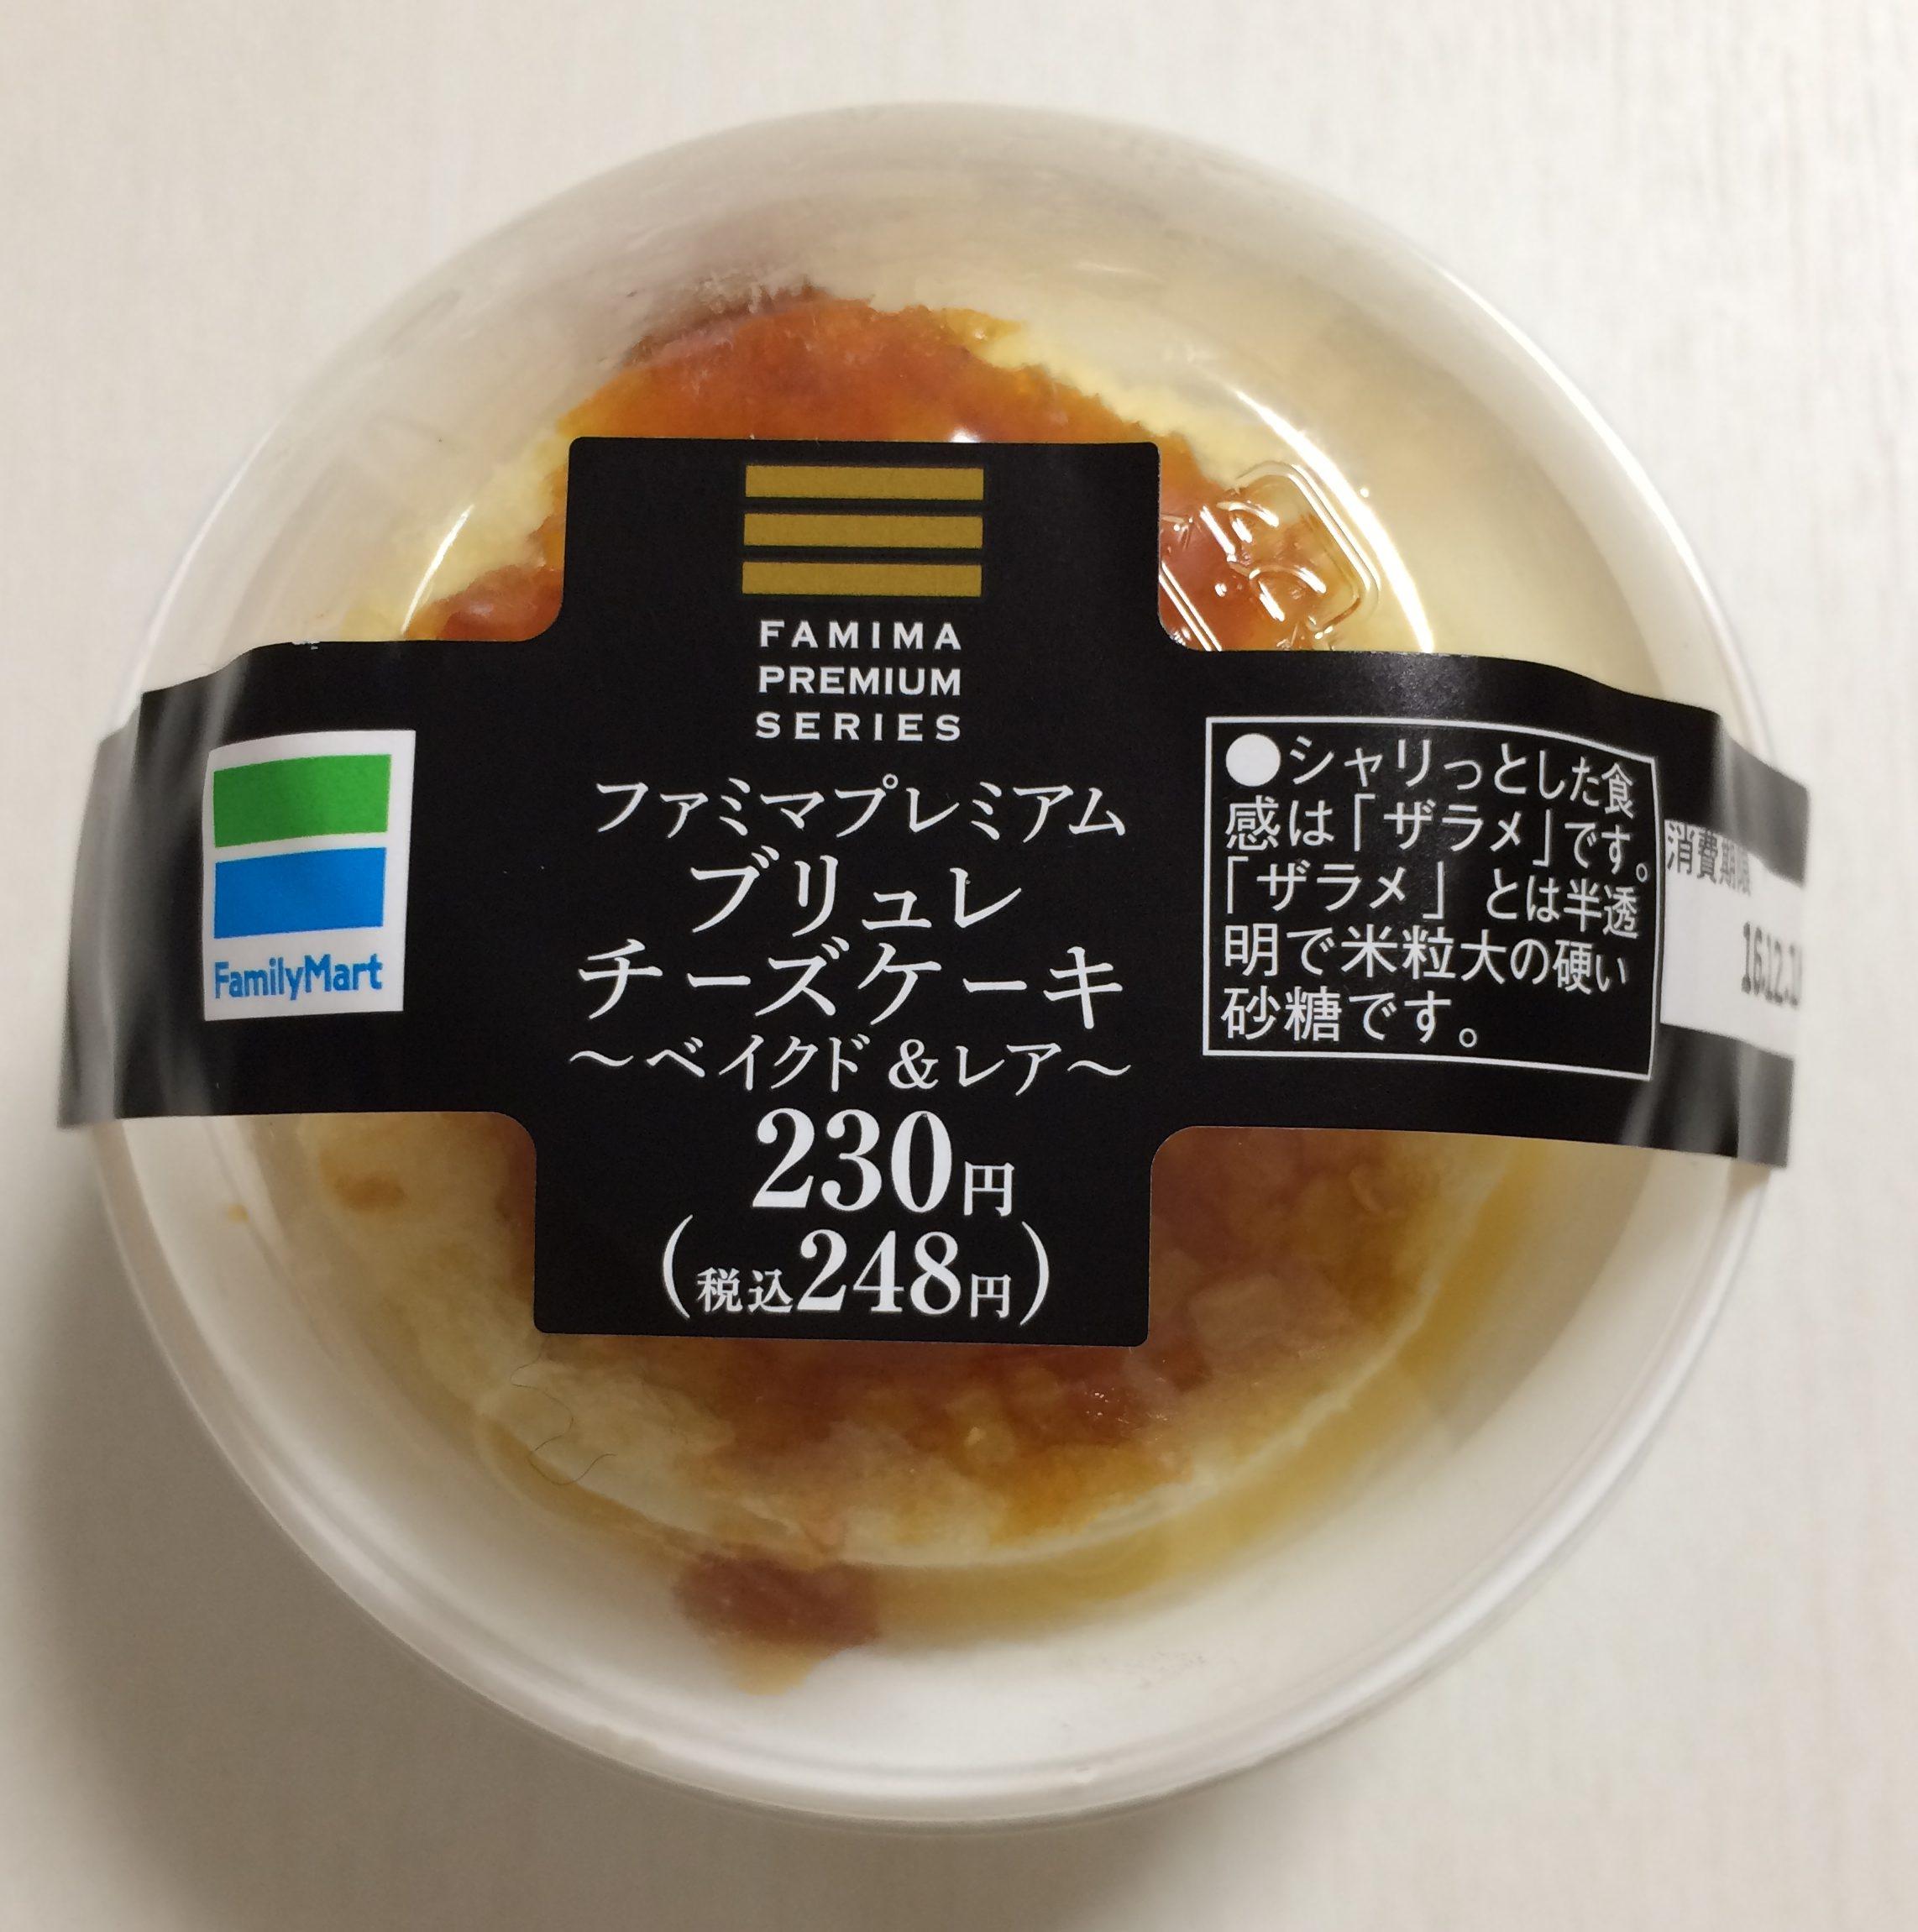 【ファミリーマート】ファミマプレミアム ブリュレチーズケーキ~ベイクド&レア~